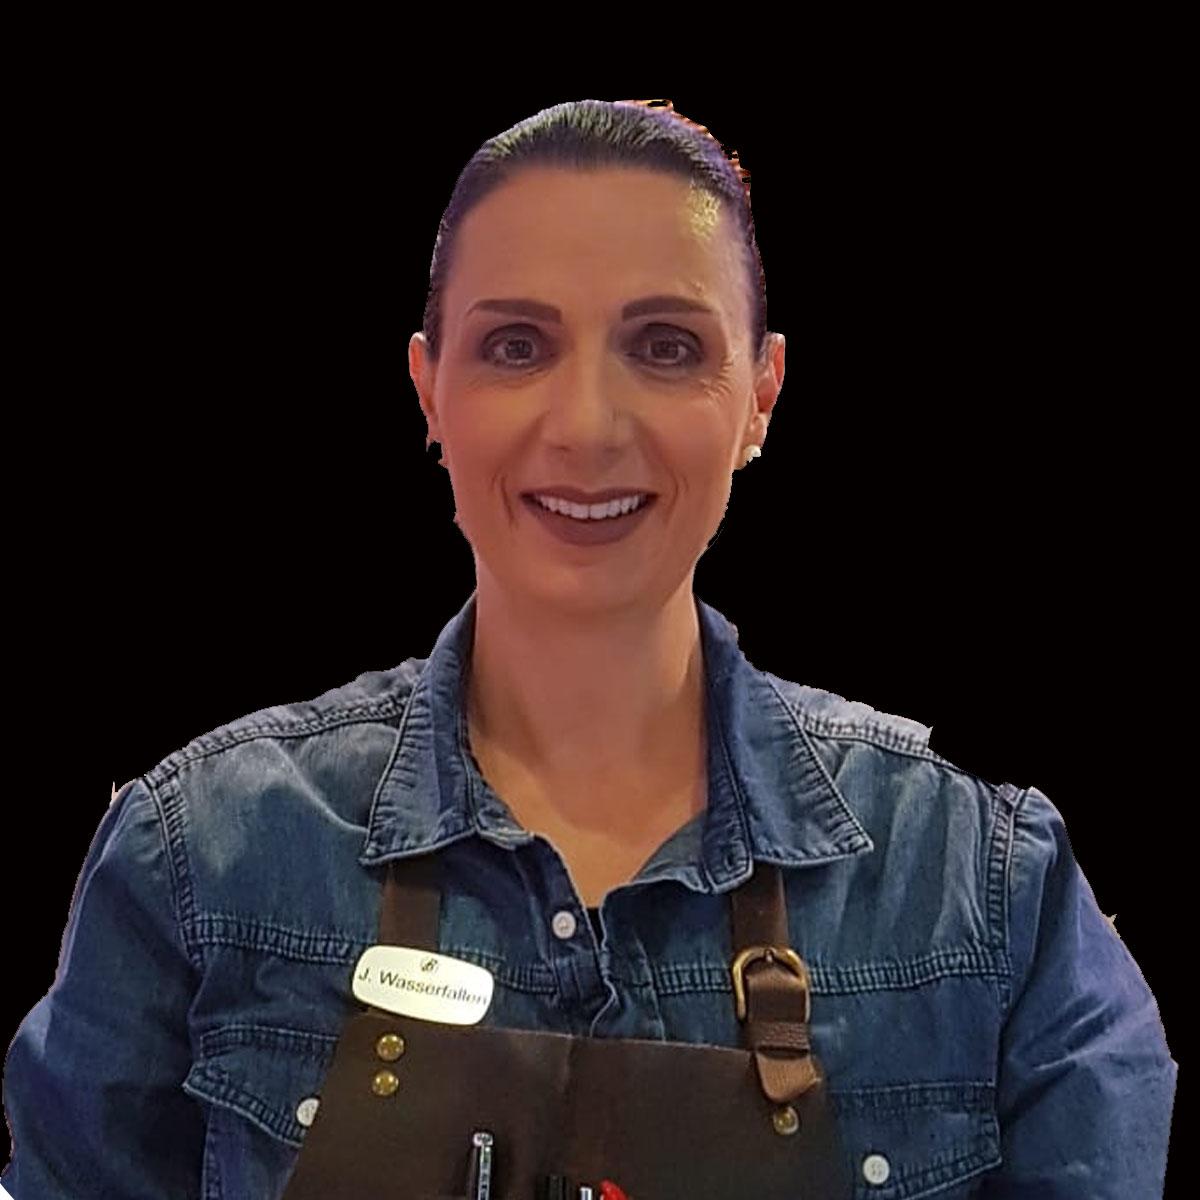 Jacqueline Wasserfallen